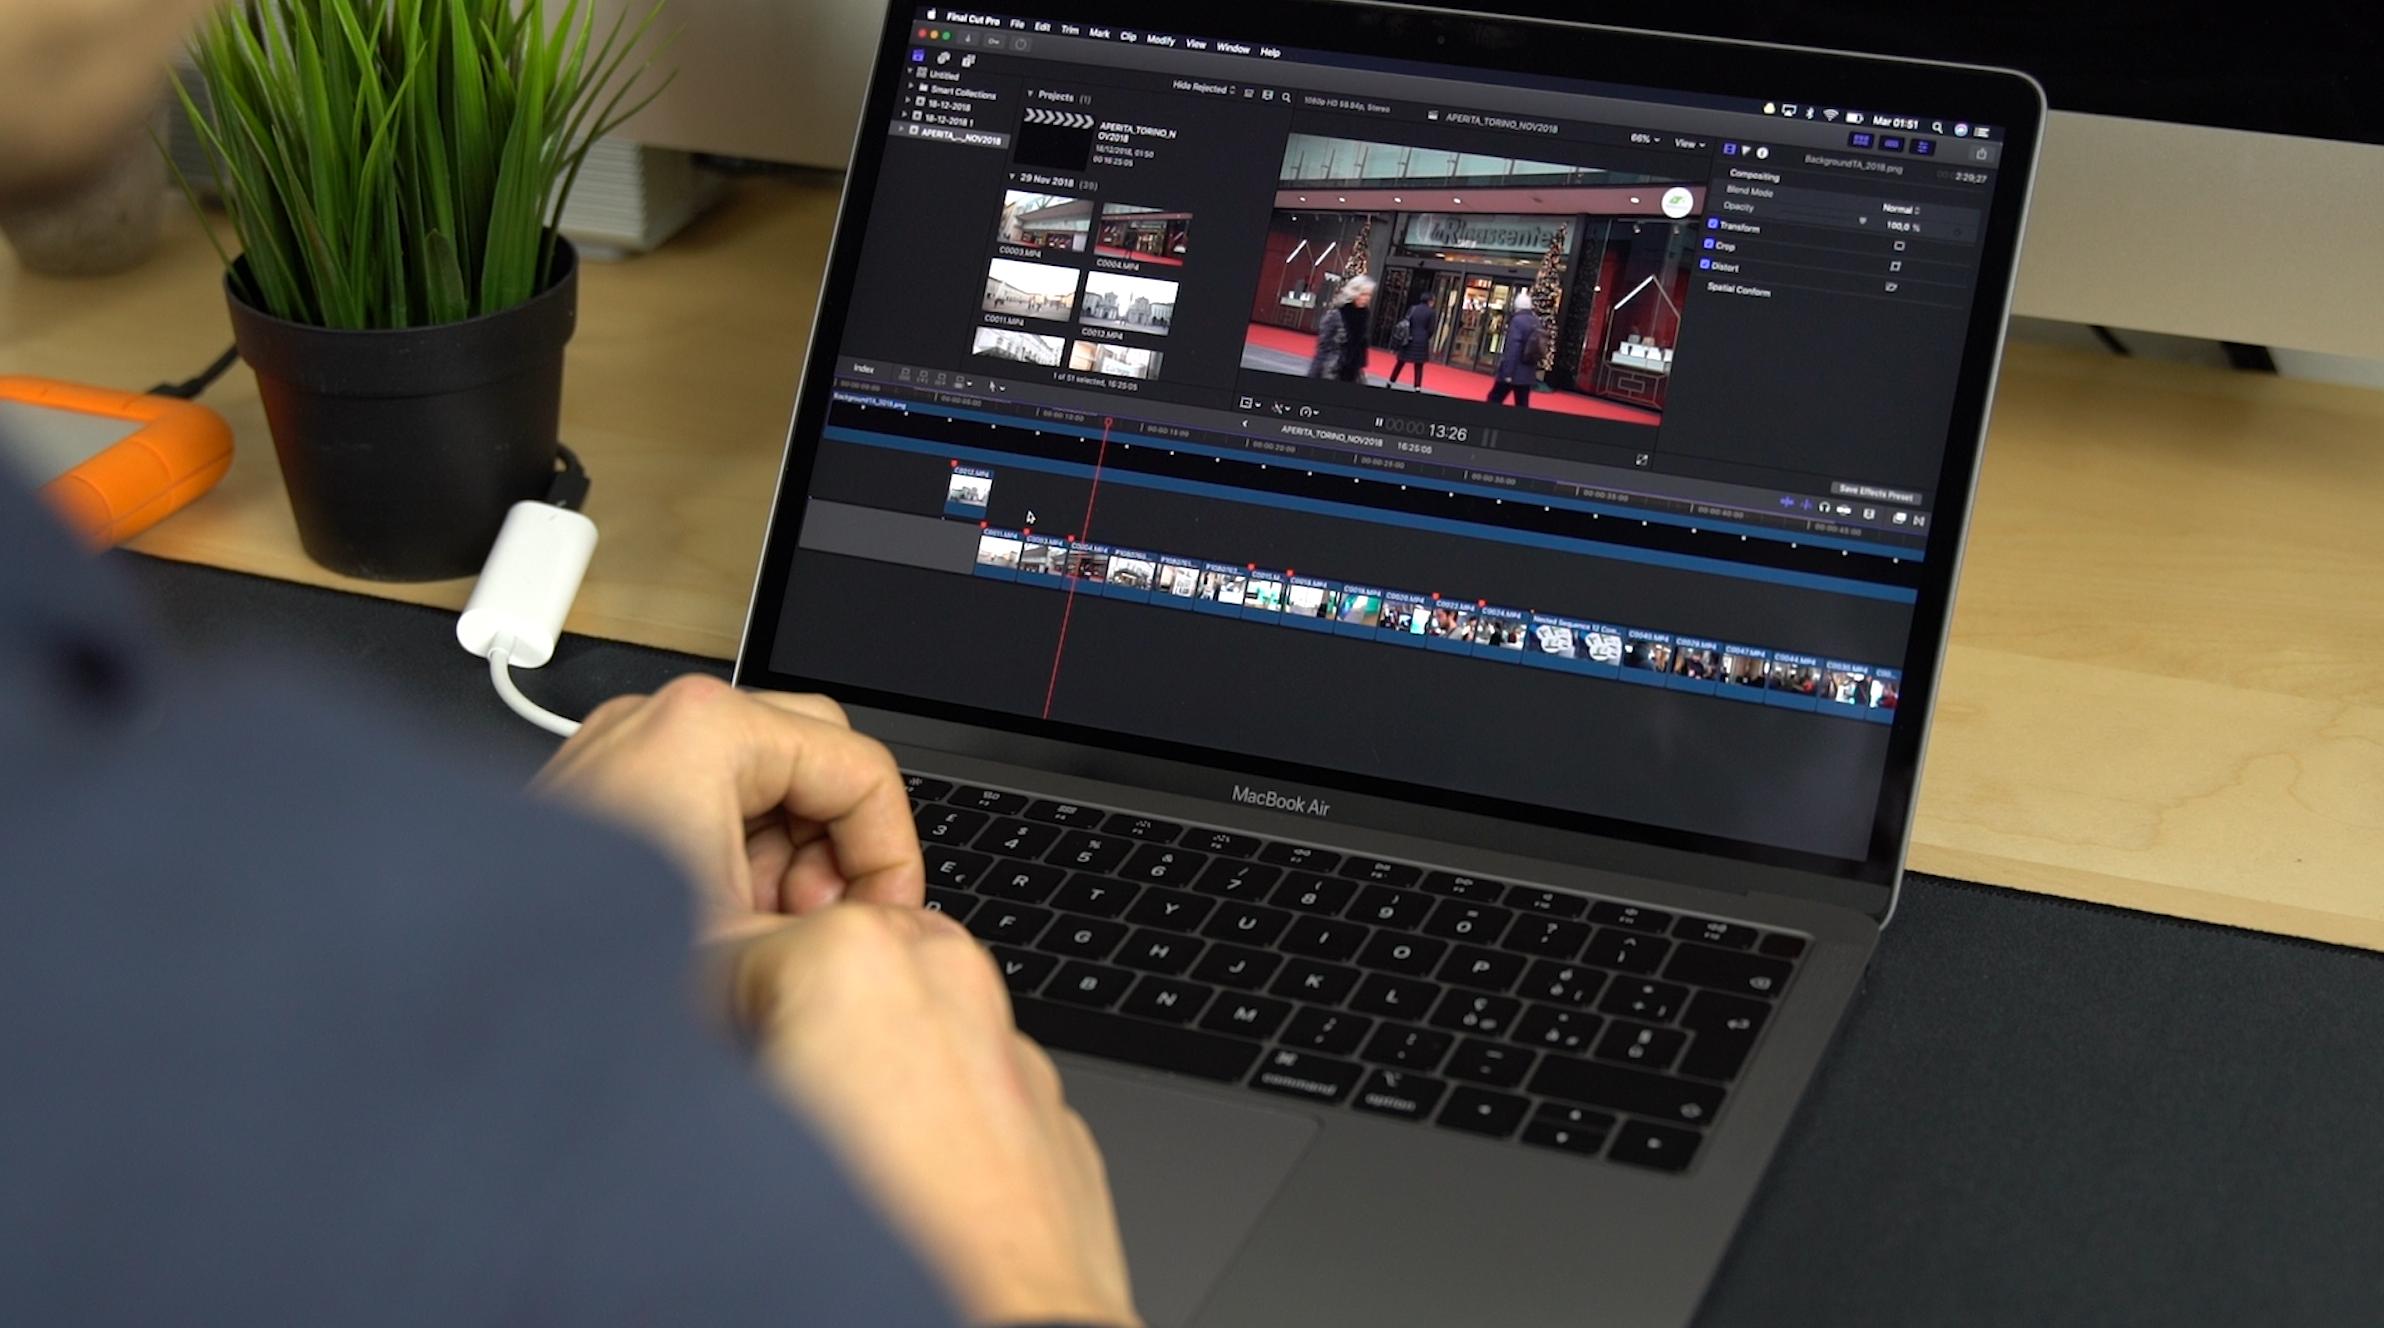 Recensione MacBook Air (2018): può sostituire un MacBook Pro 13? 4